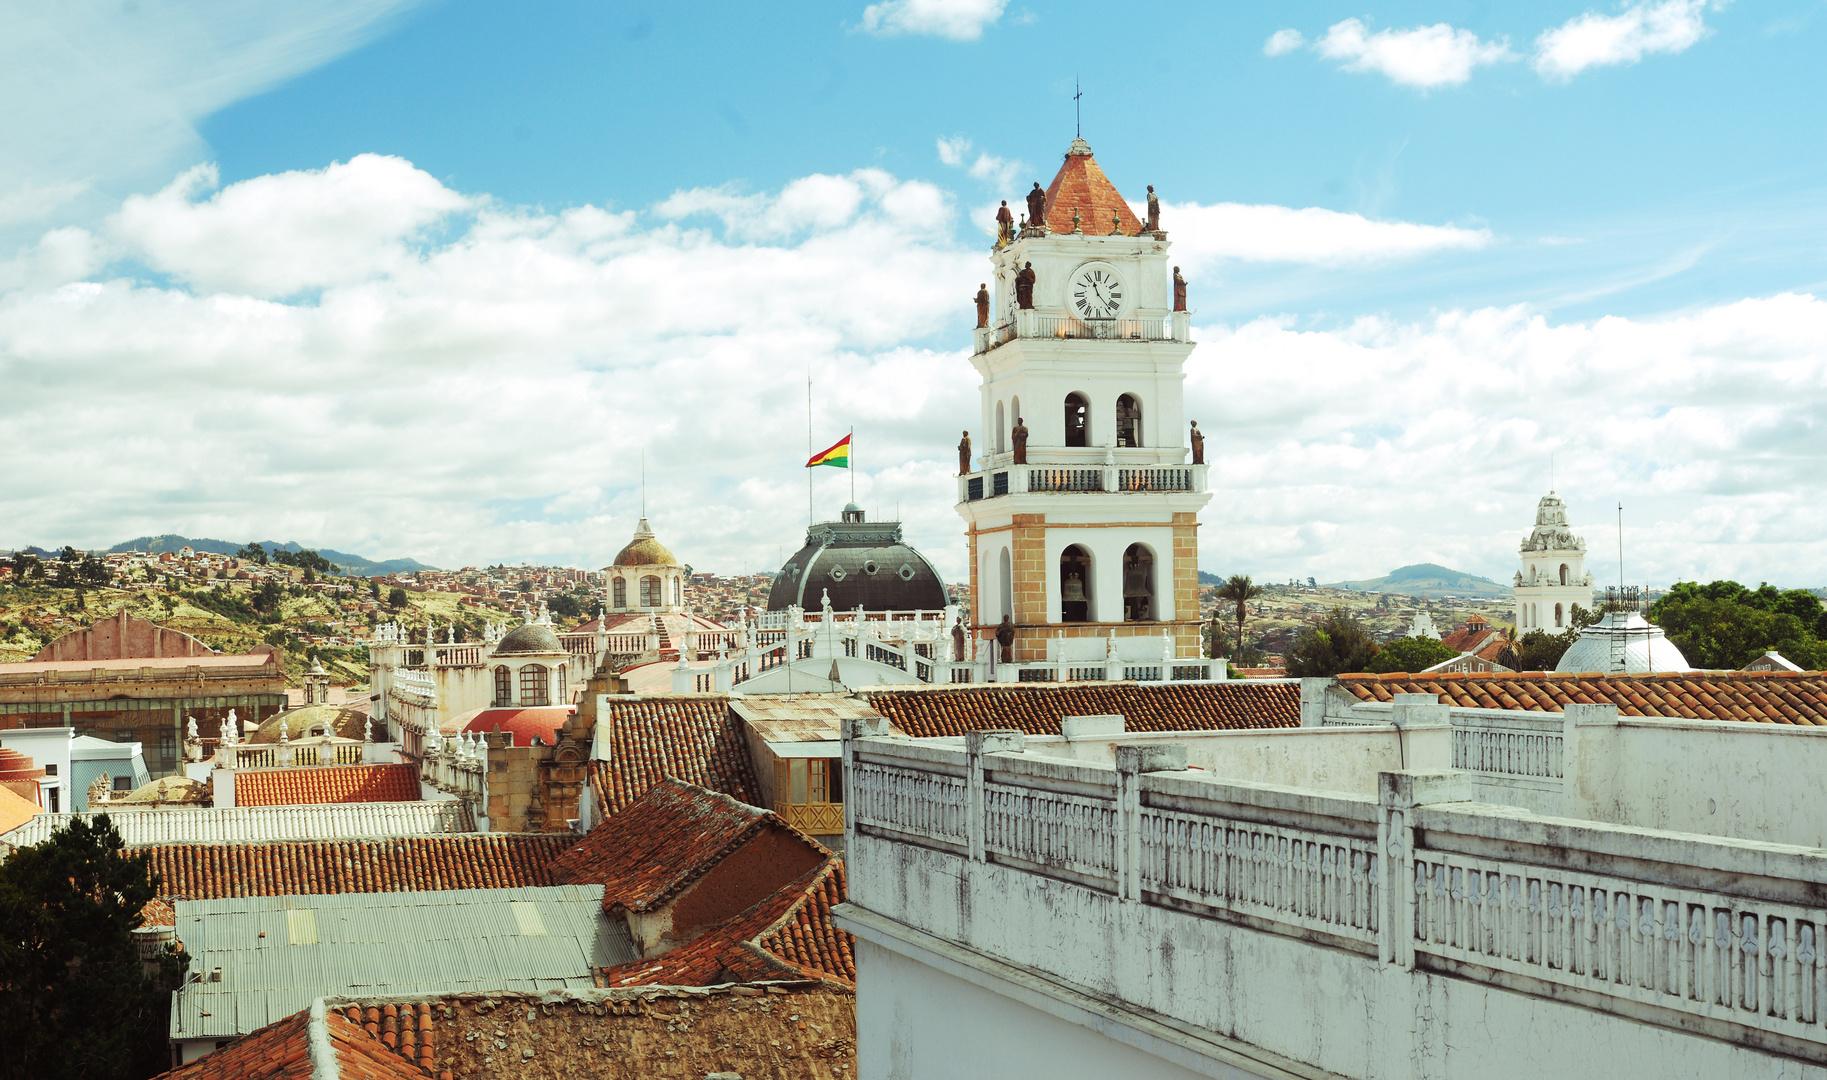 Über den Dächern von Sucre